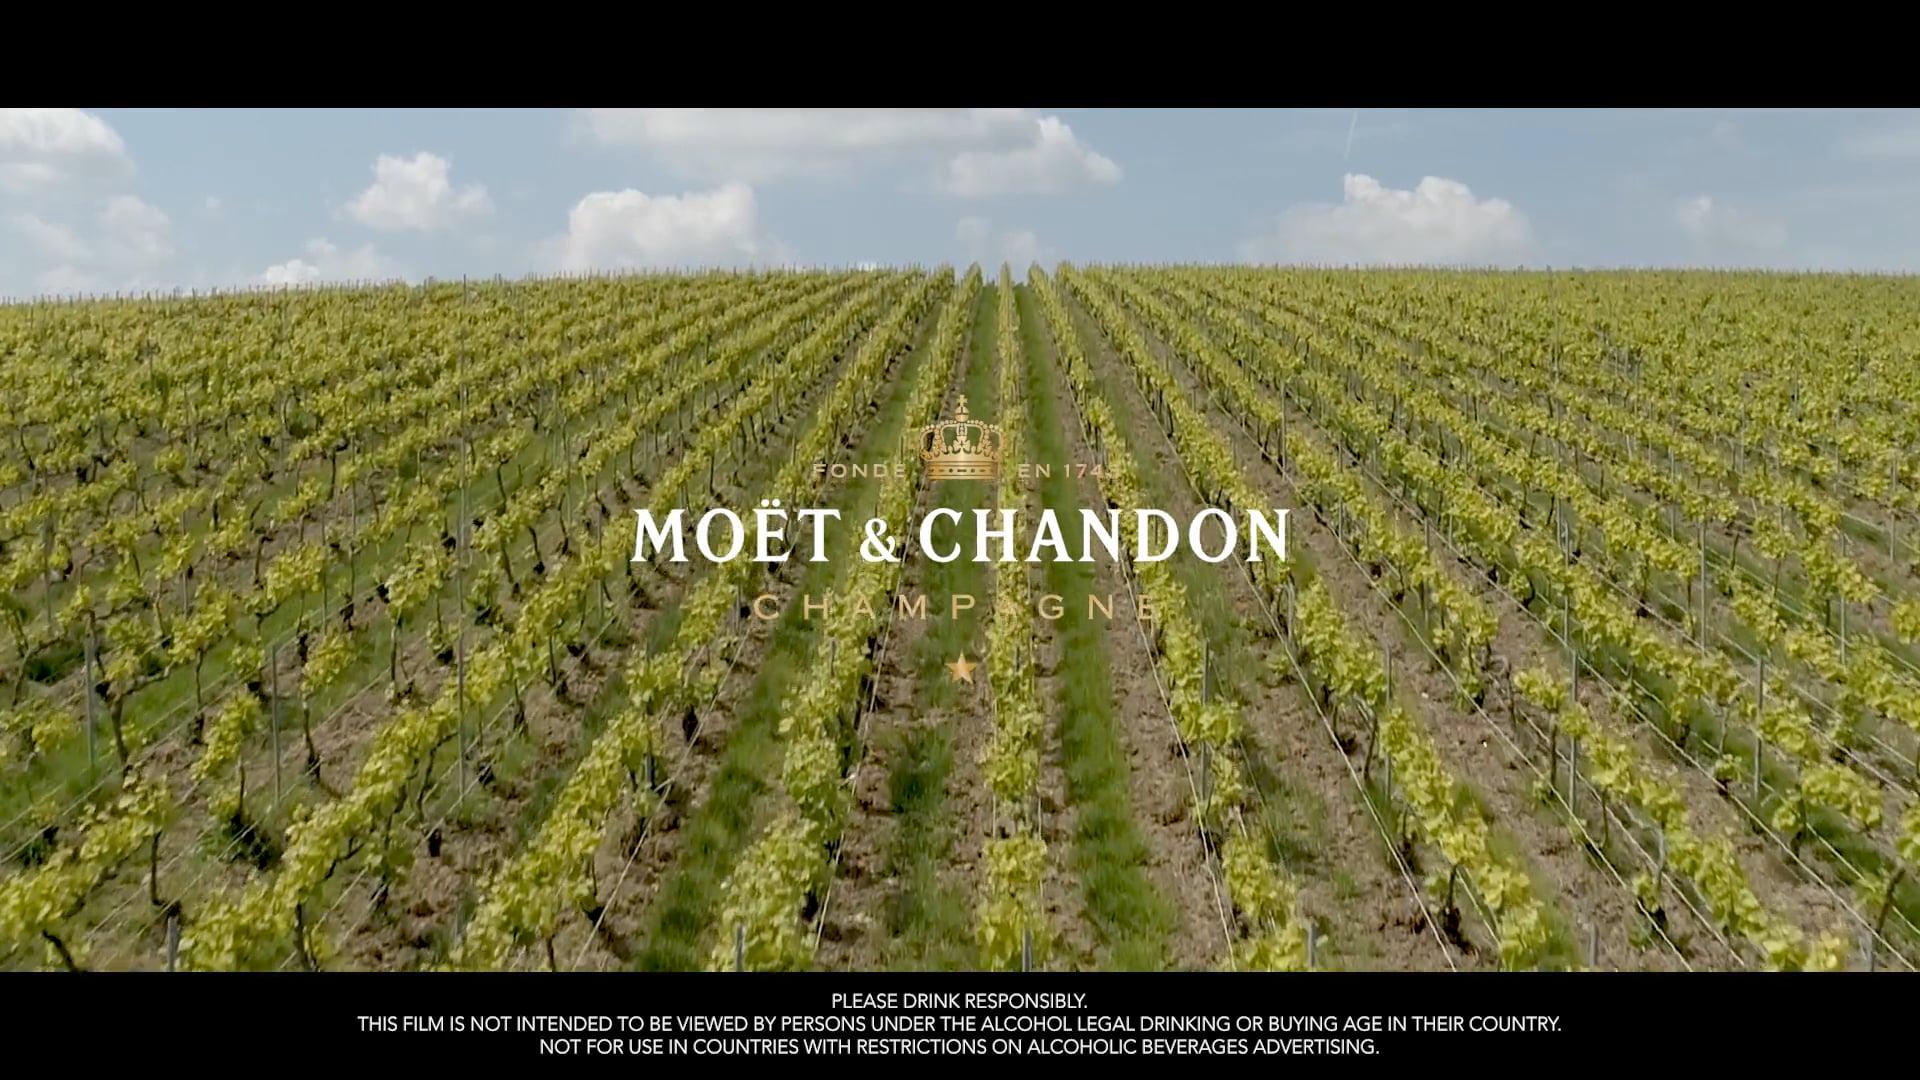 Celebración Moet Chandon 150 Anniversary | Luxury Makers | Francia